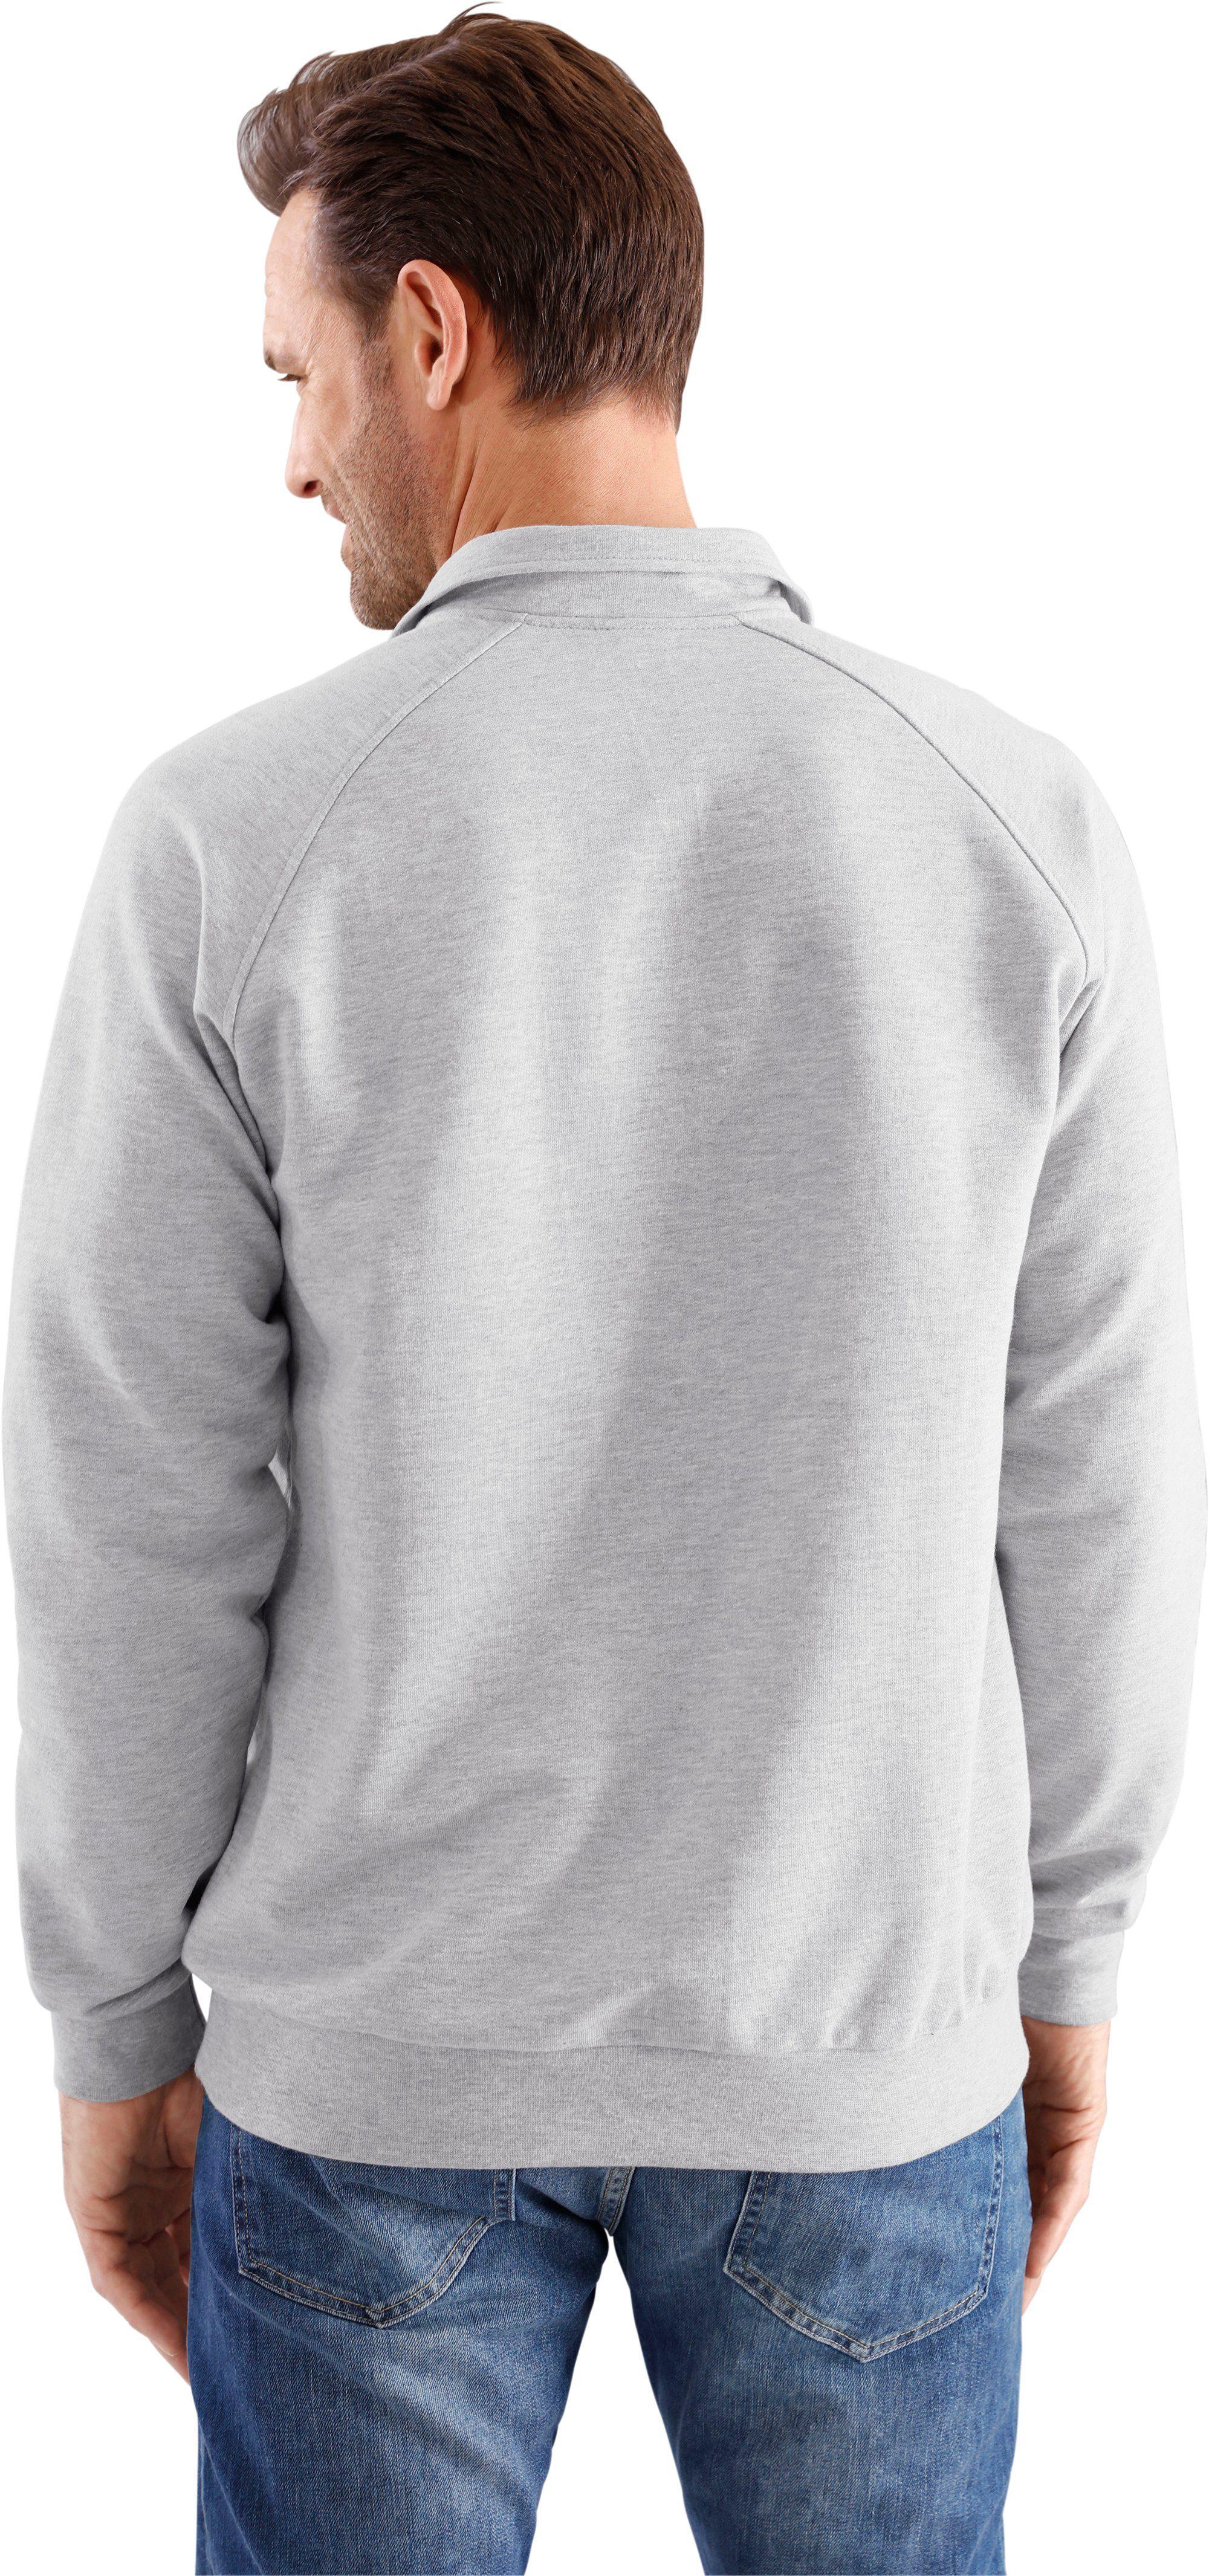 Reiner Aus Classic Baumwolle Kaufen Sweatshirt gY7ybf6